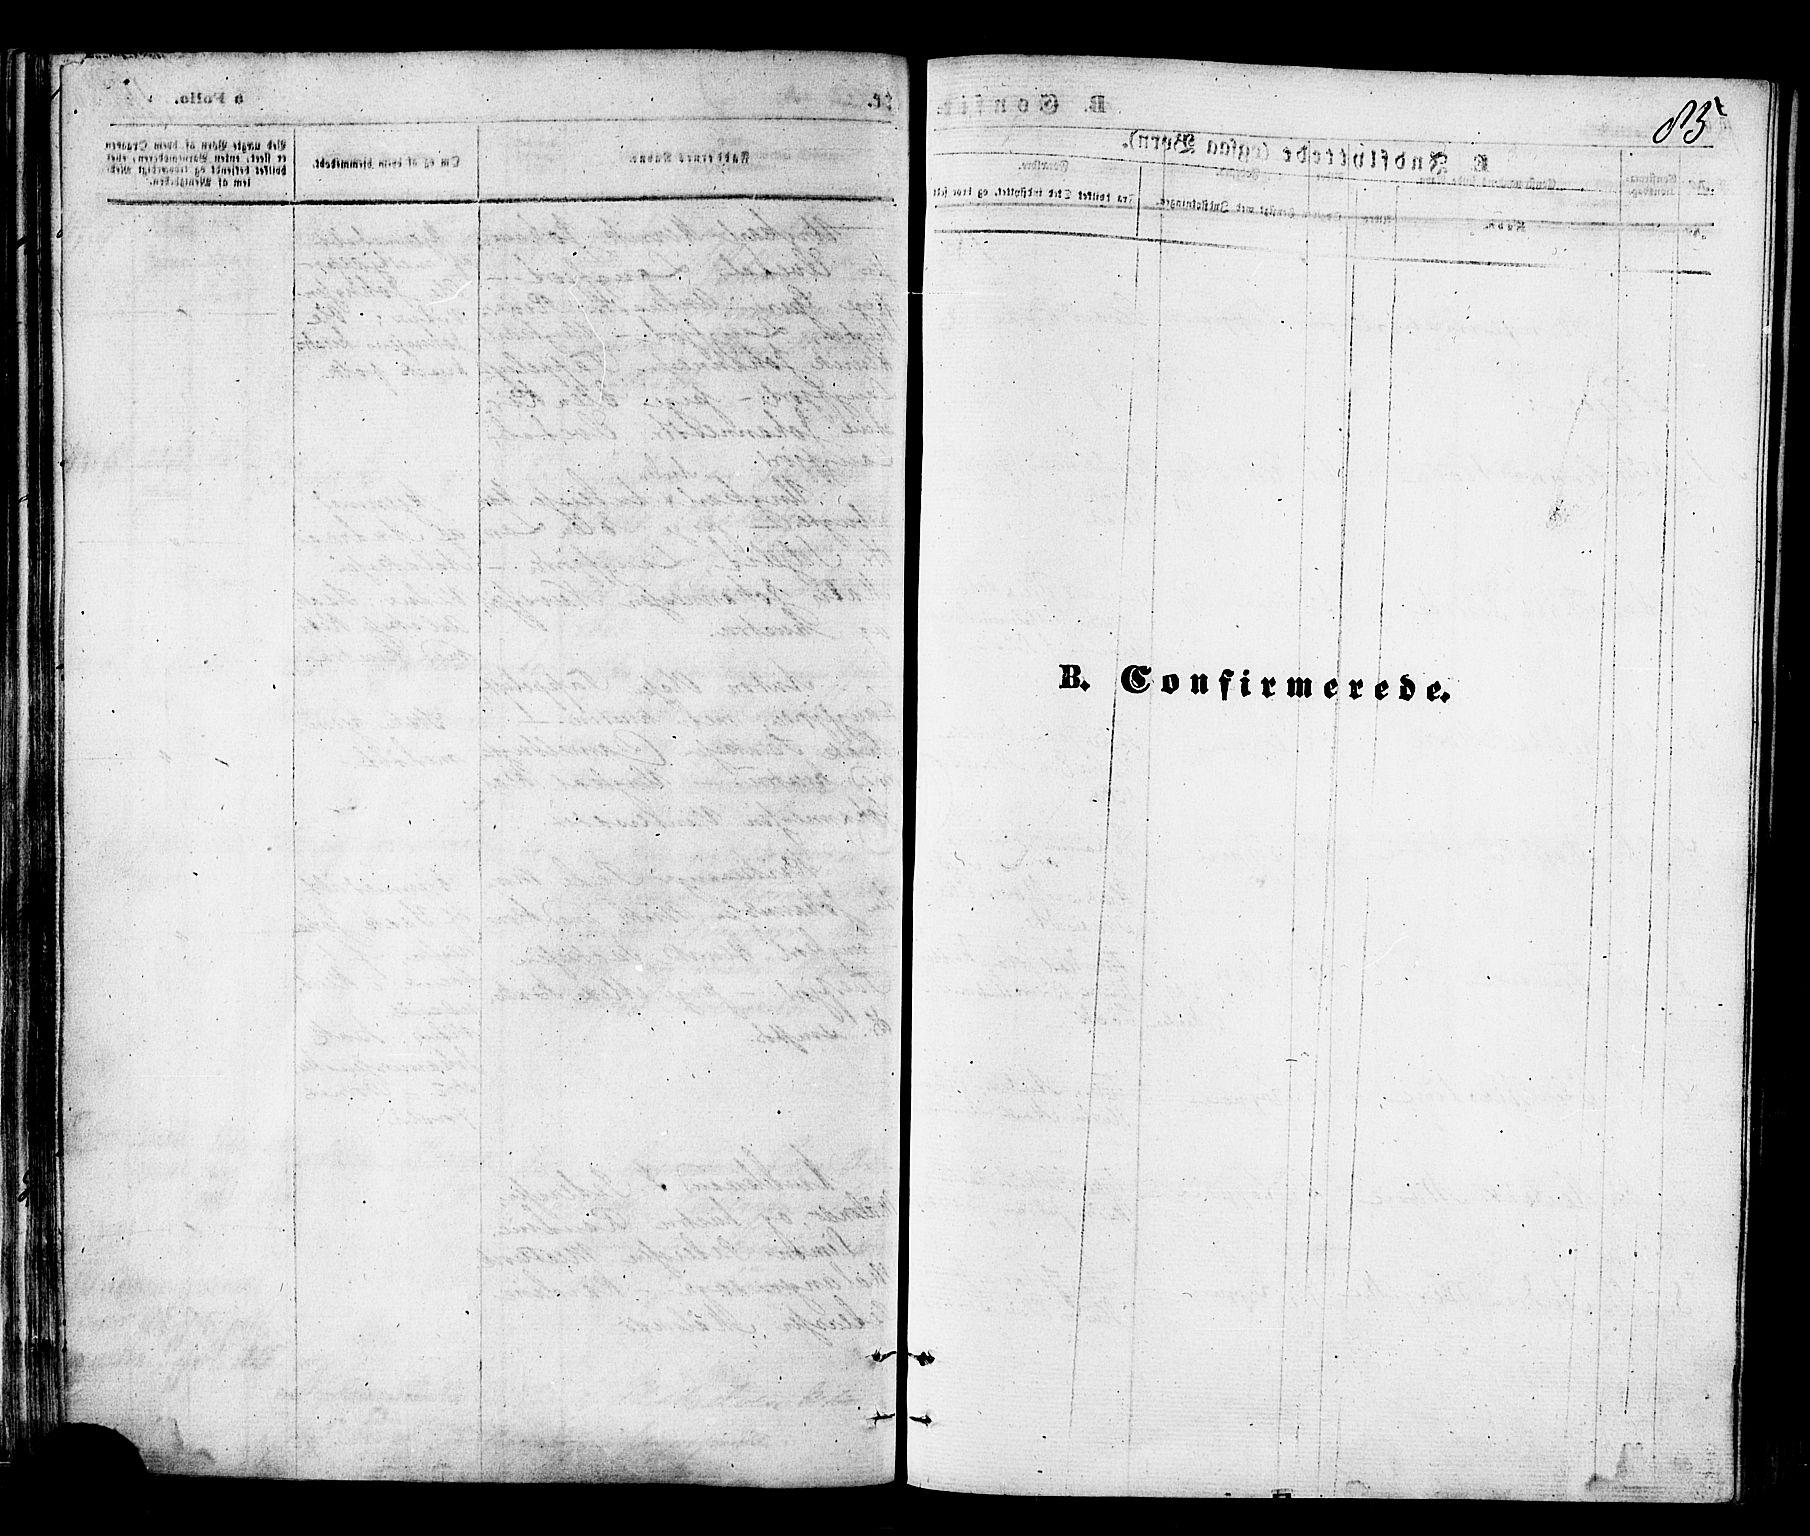 SATØ, Loppa sokneprestkontor, H/Ha/L0005kirke: Ministerialbok nr. 5, 1869-1878, s. 85